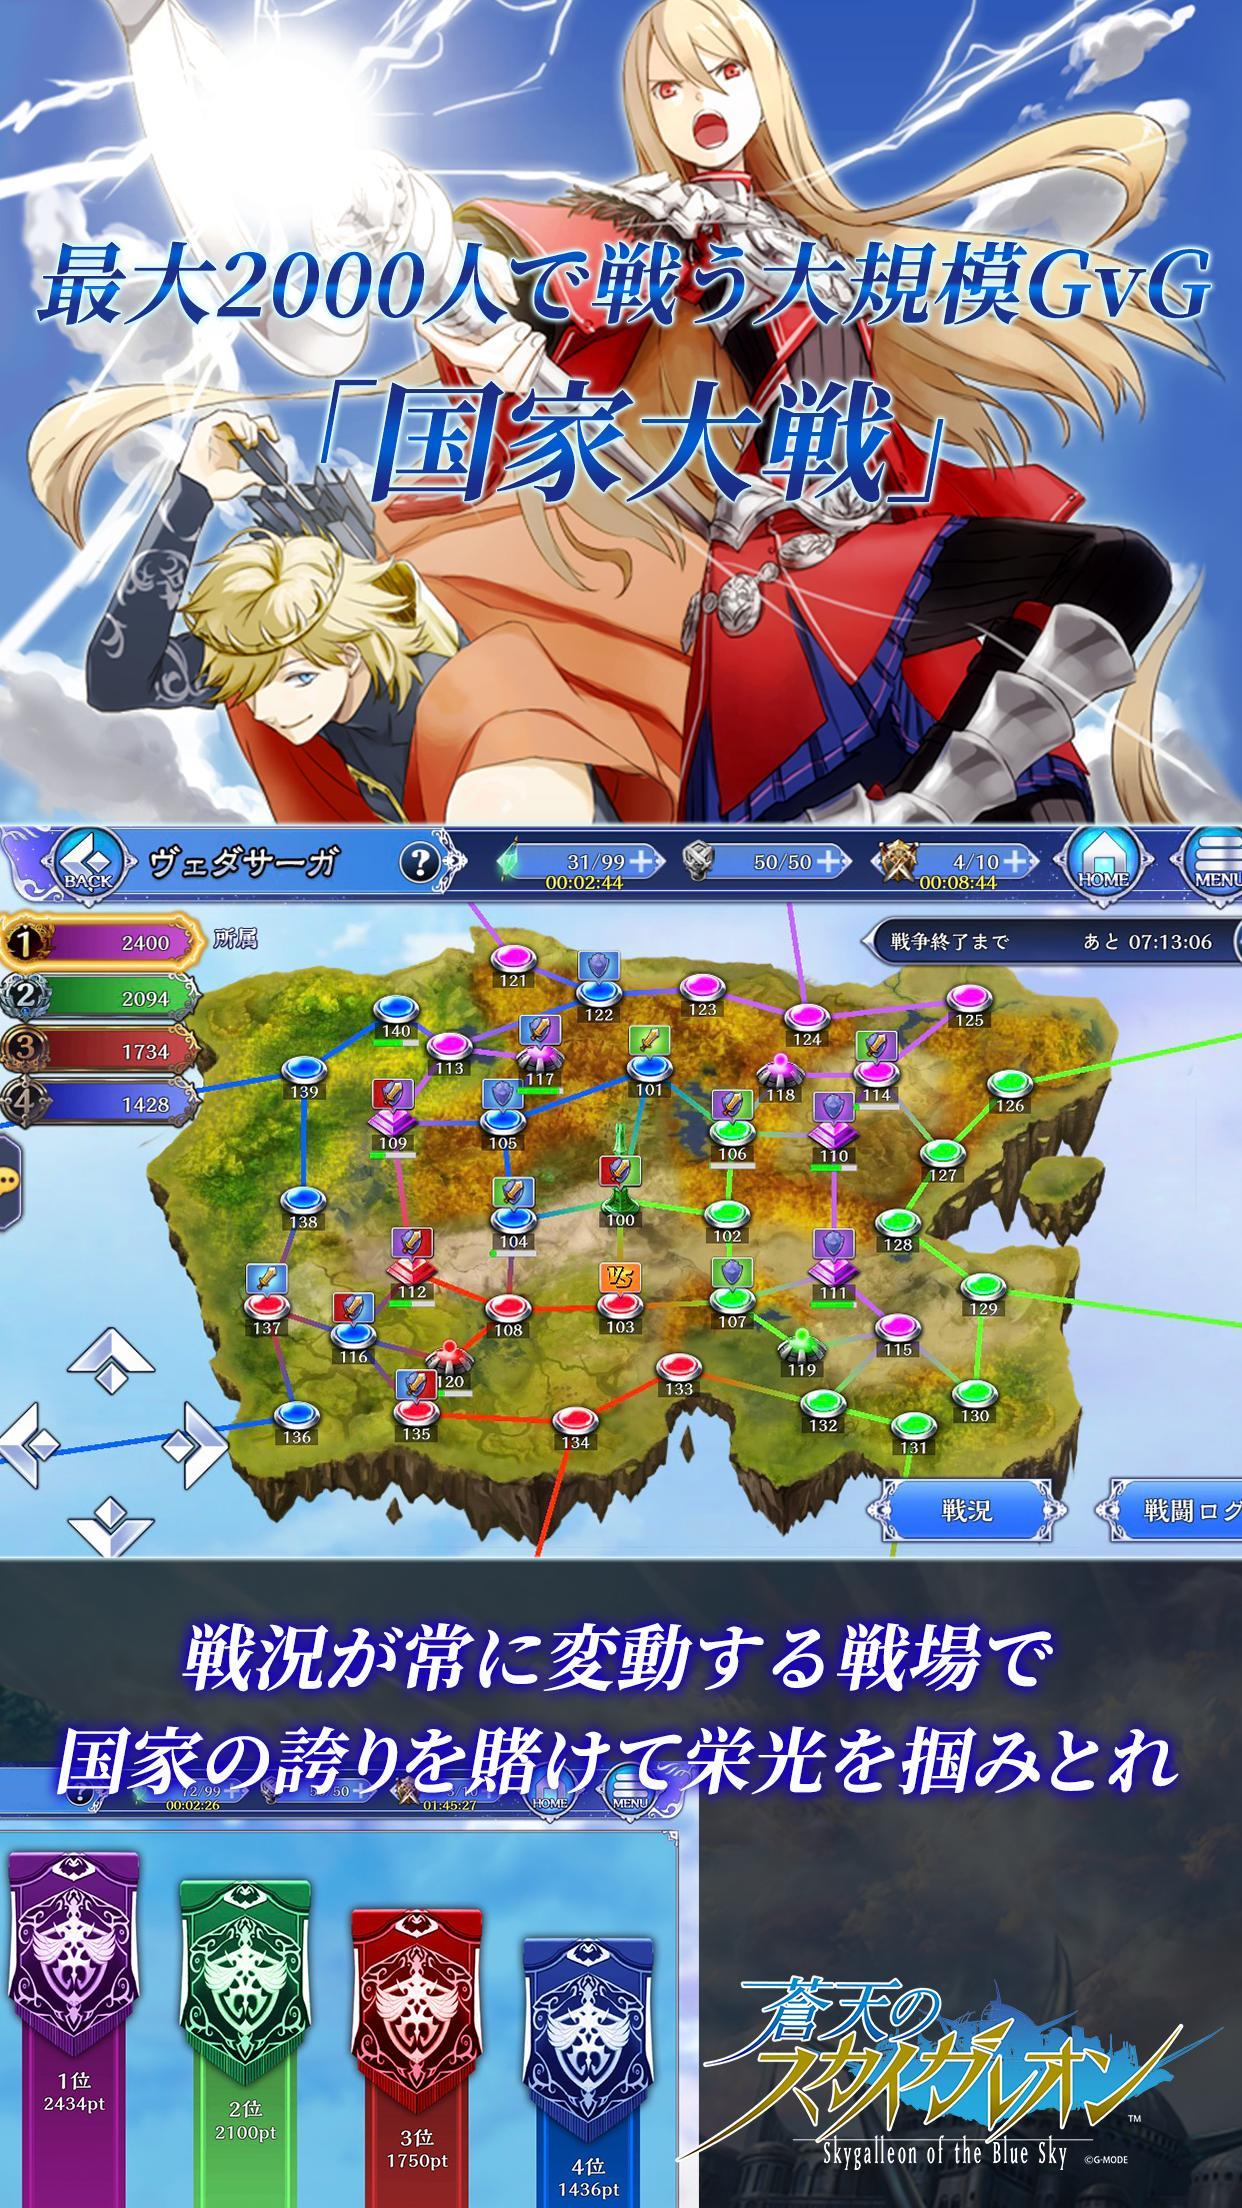 蒼天のスカイガレオン 20.56.10537 Screenshot 3